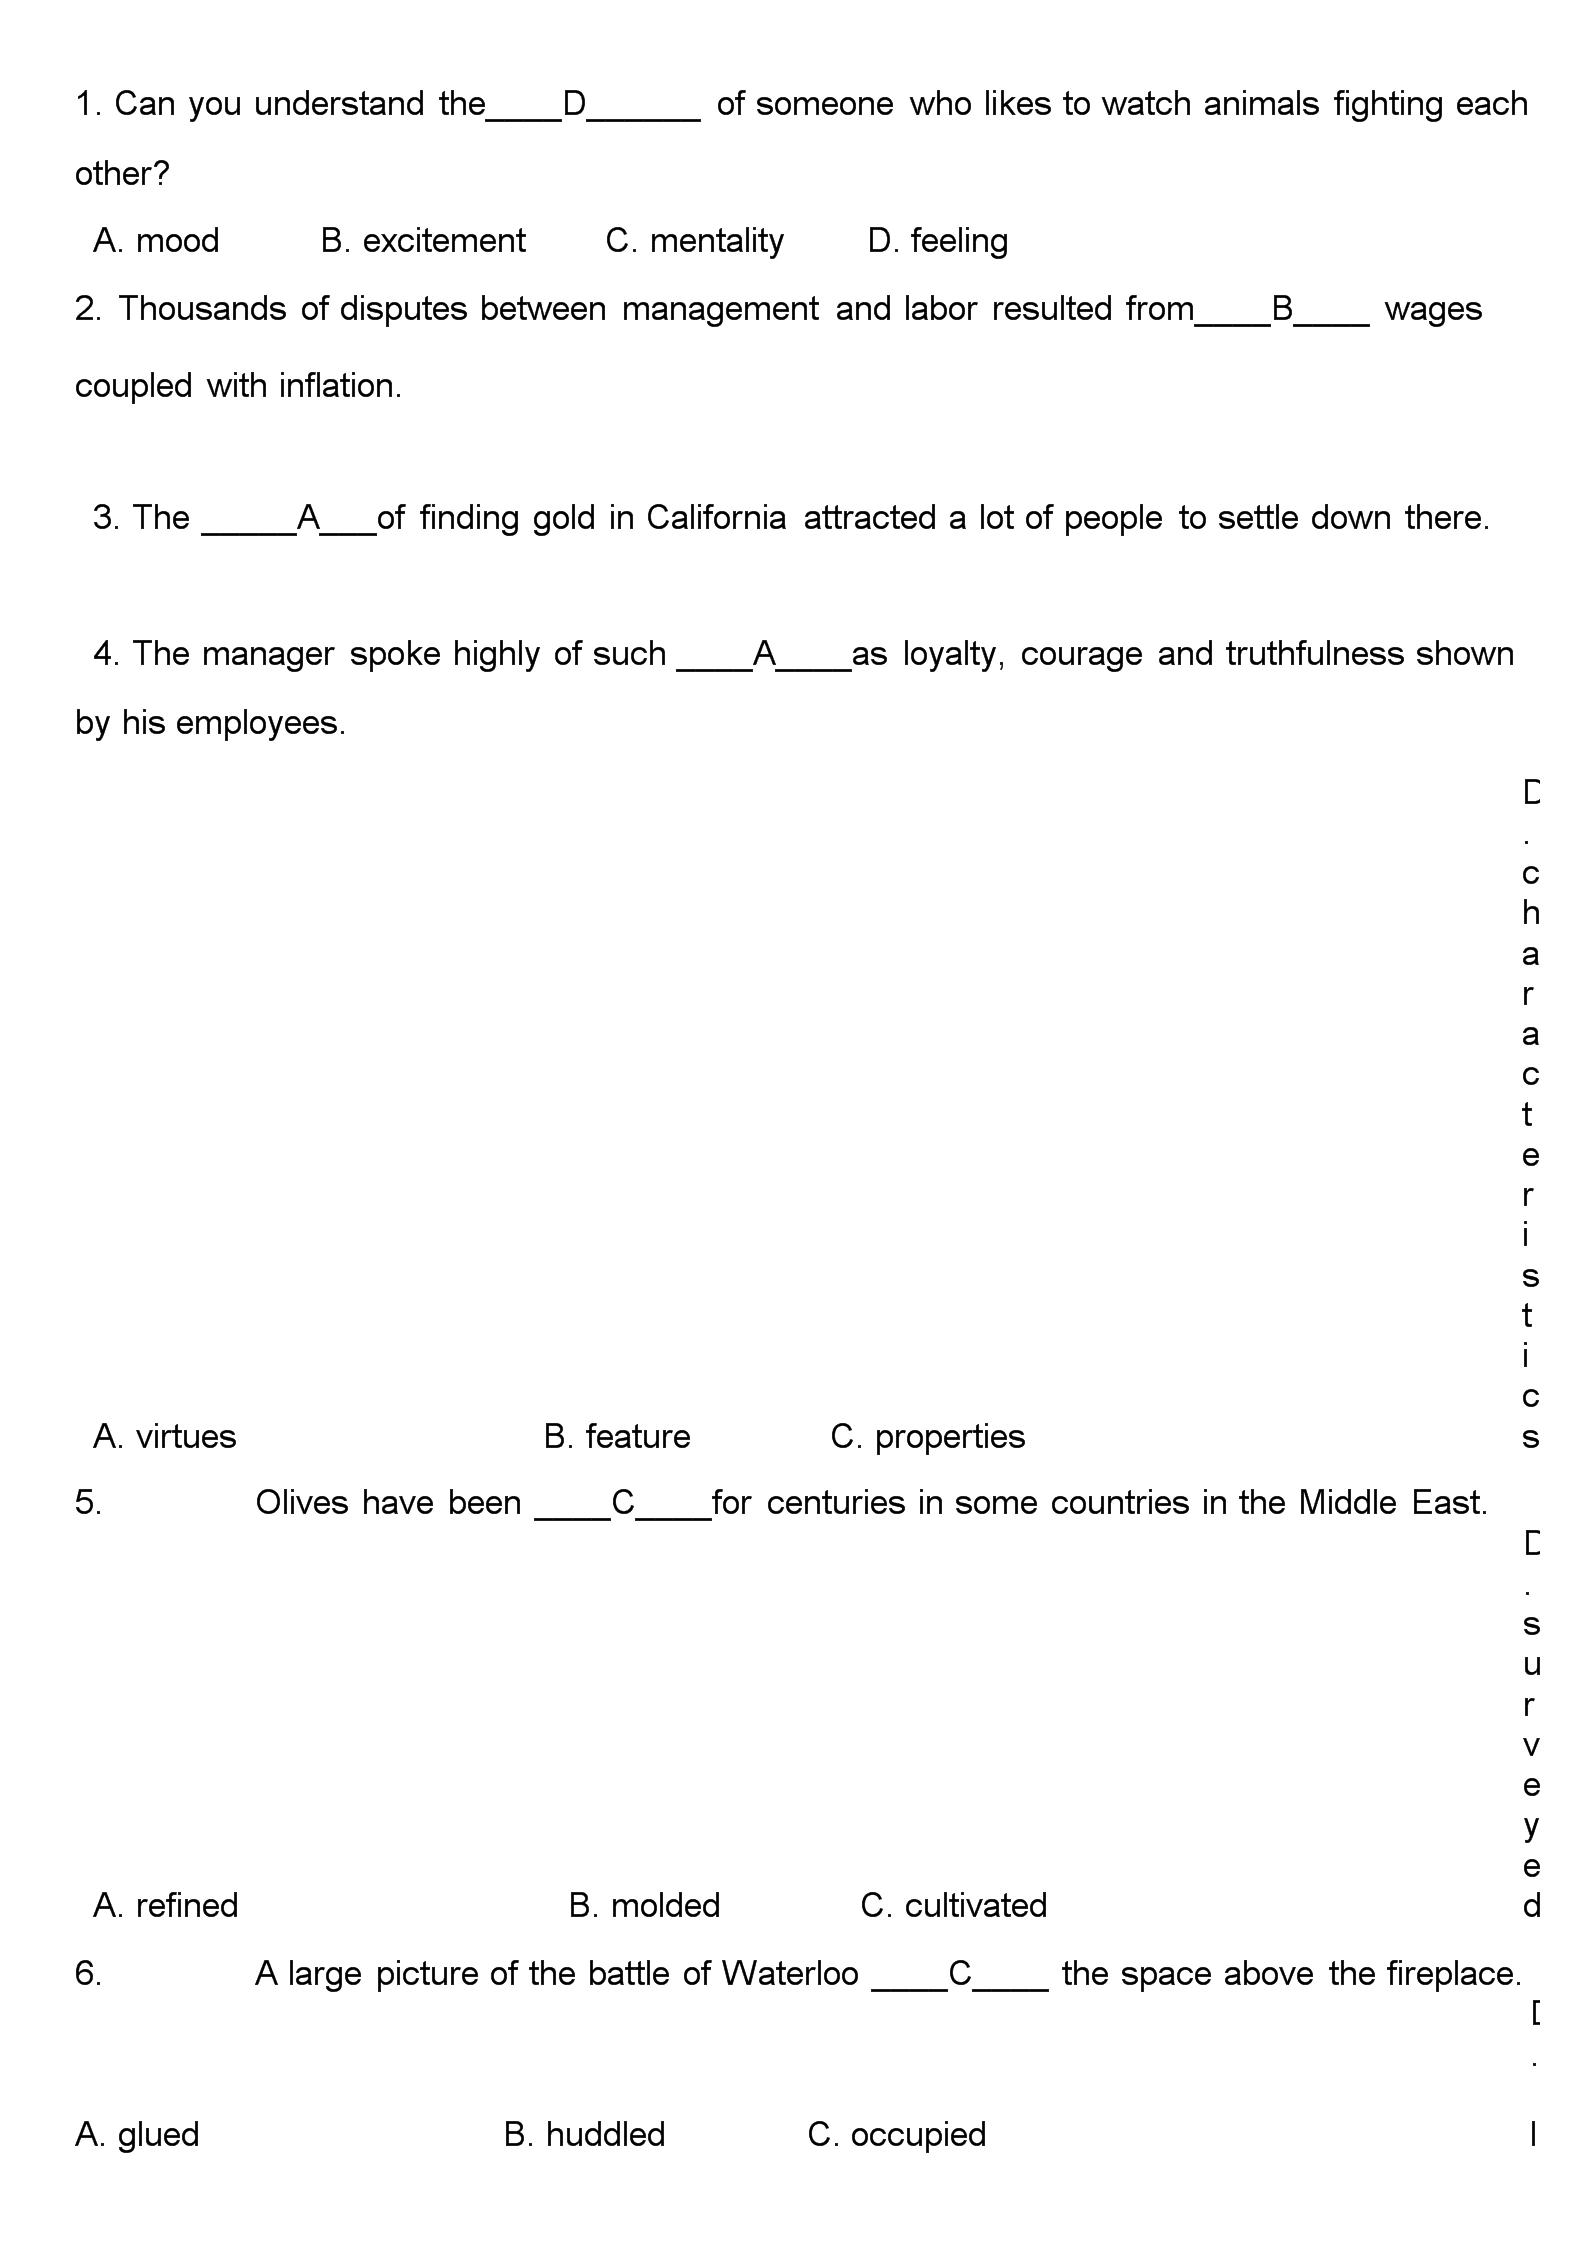 英语四级单选选择.docx